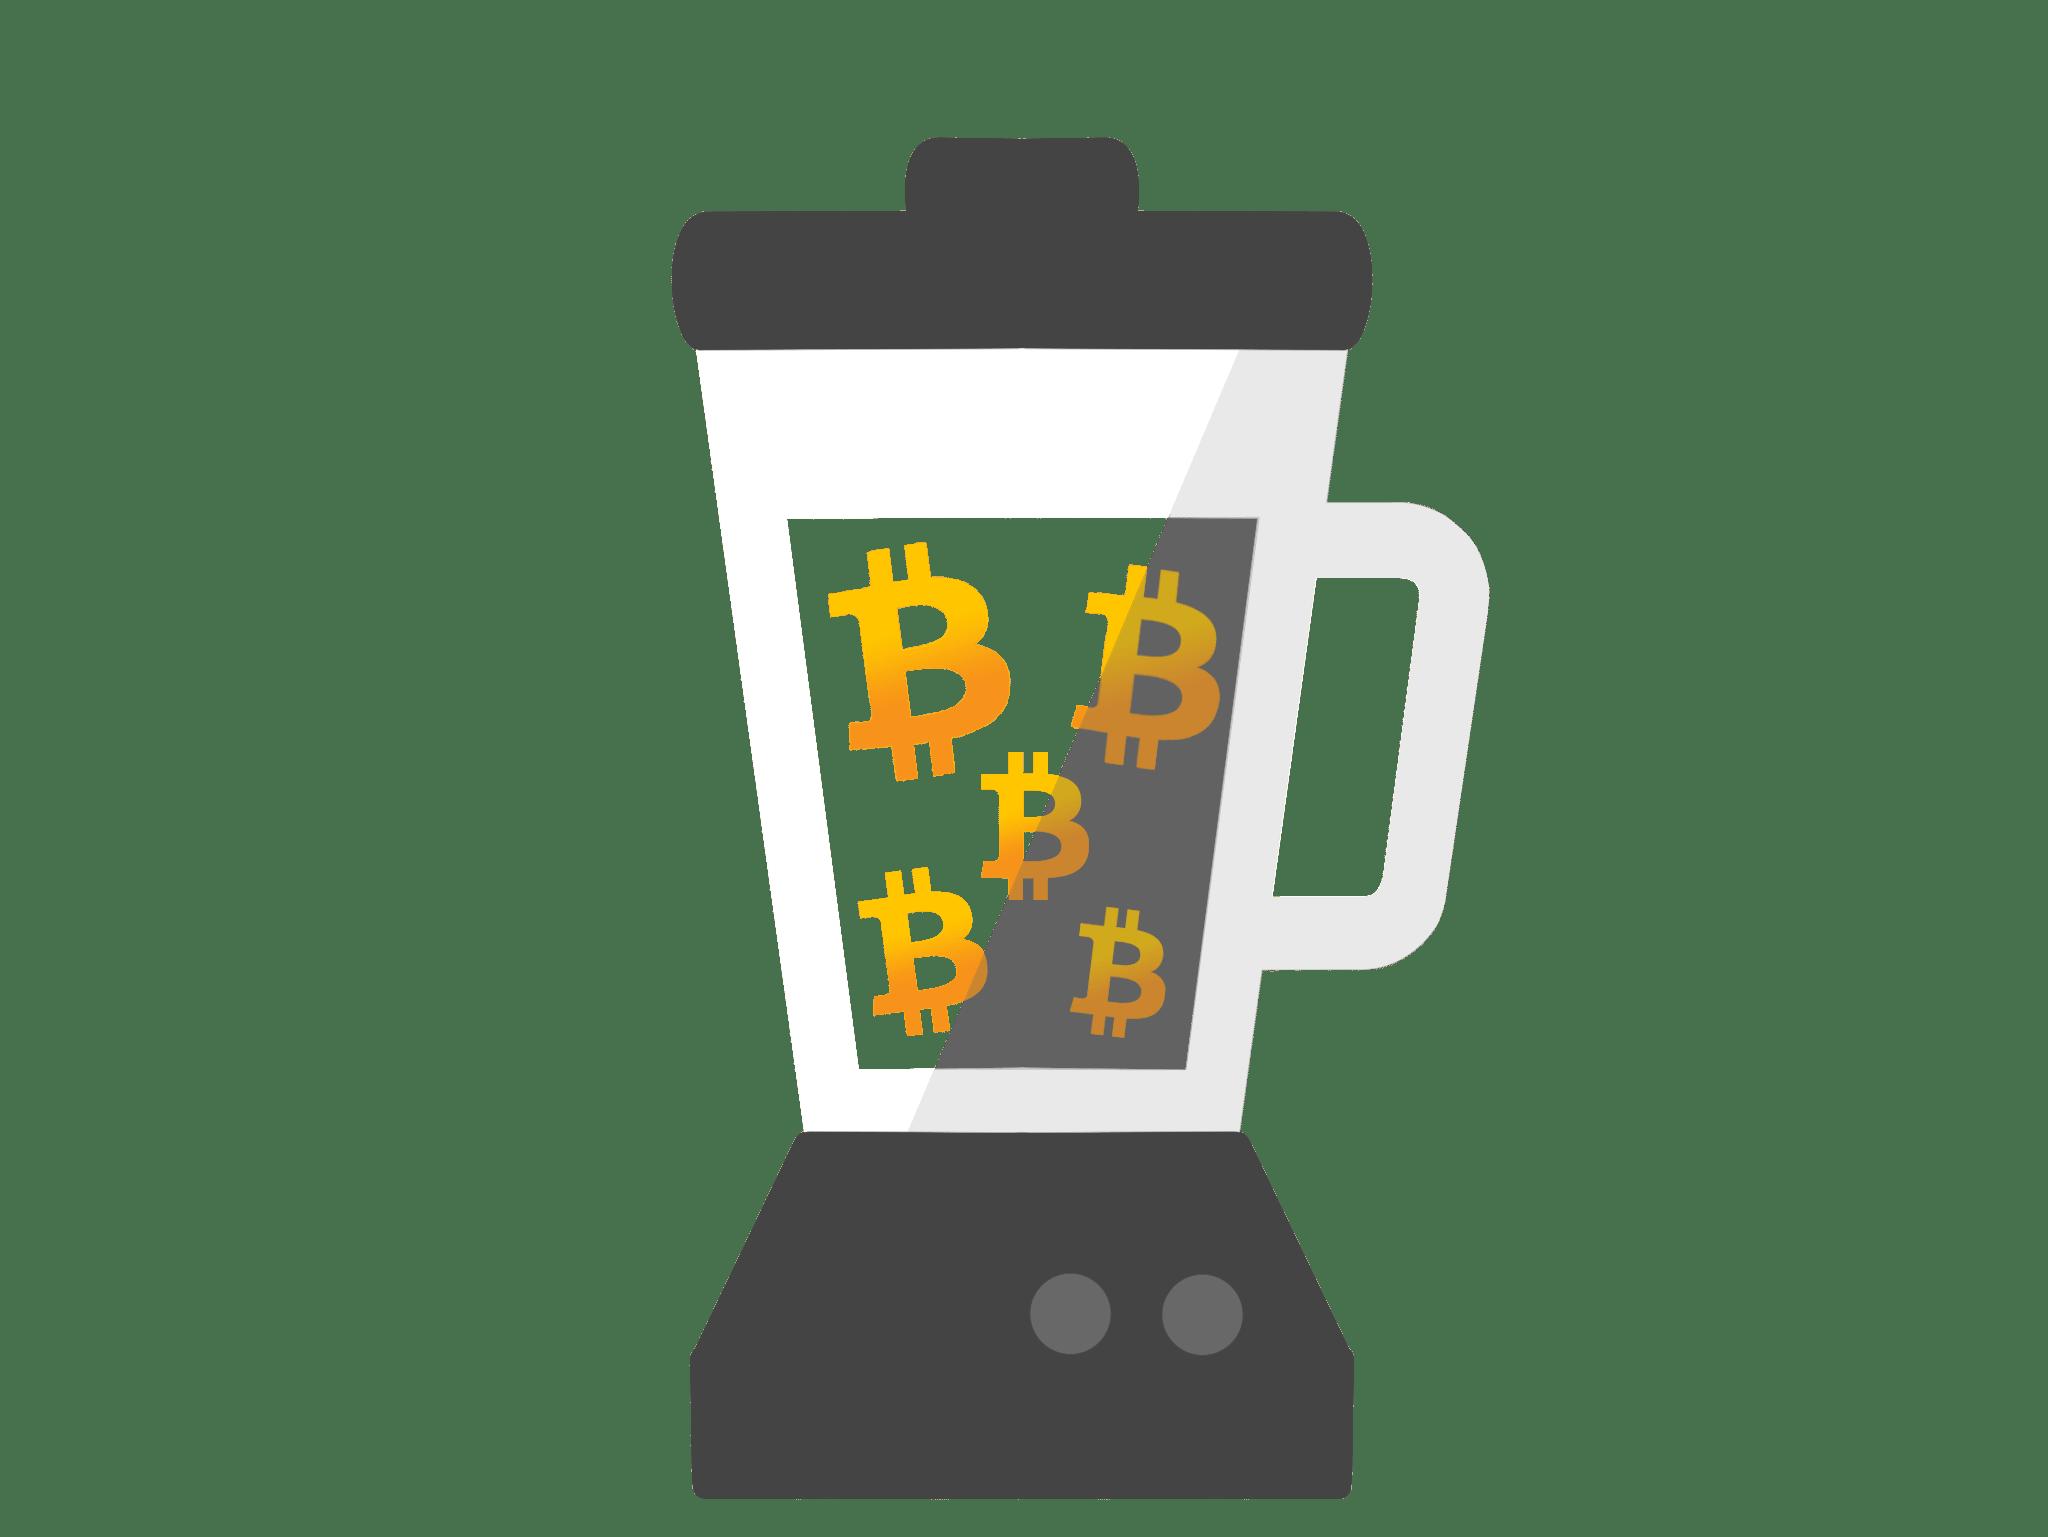 Bitcoin Tumbler services